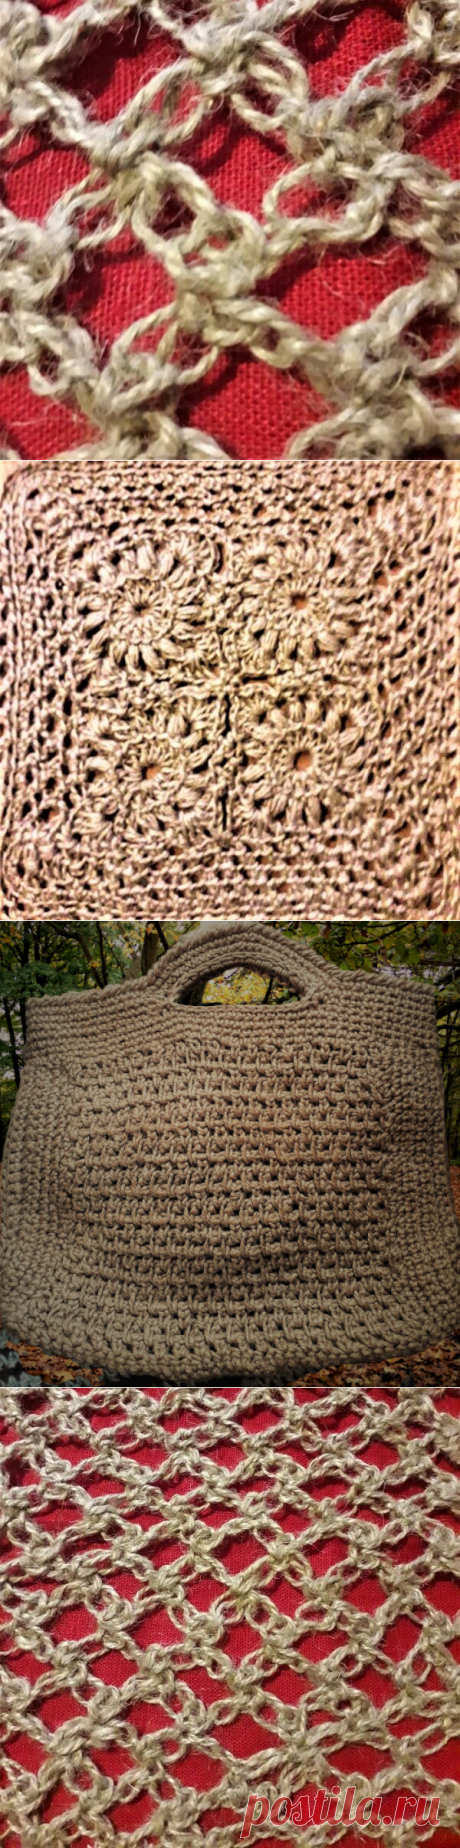 Вязание из джута. Эко-сумка, авоська и никаких полиэтиленовых пакетов   Очень занятая  пенсионерка   Яндекс Дзен